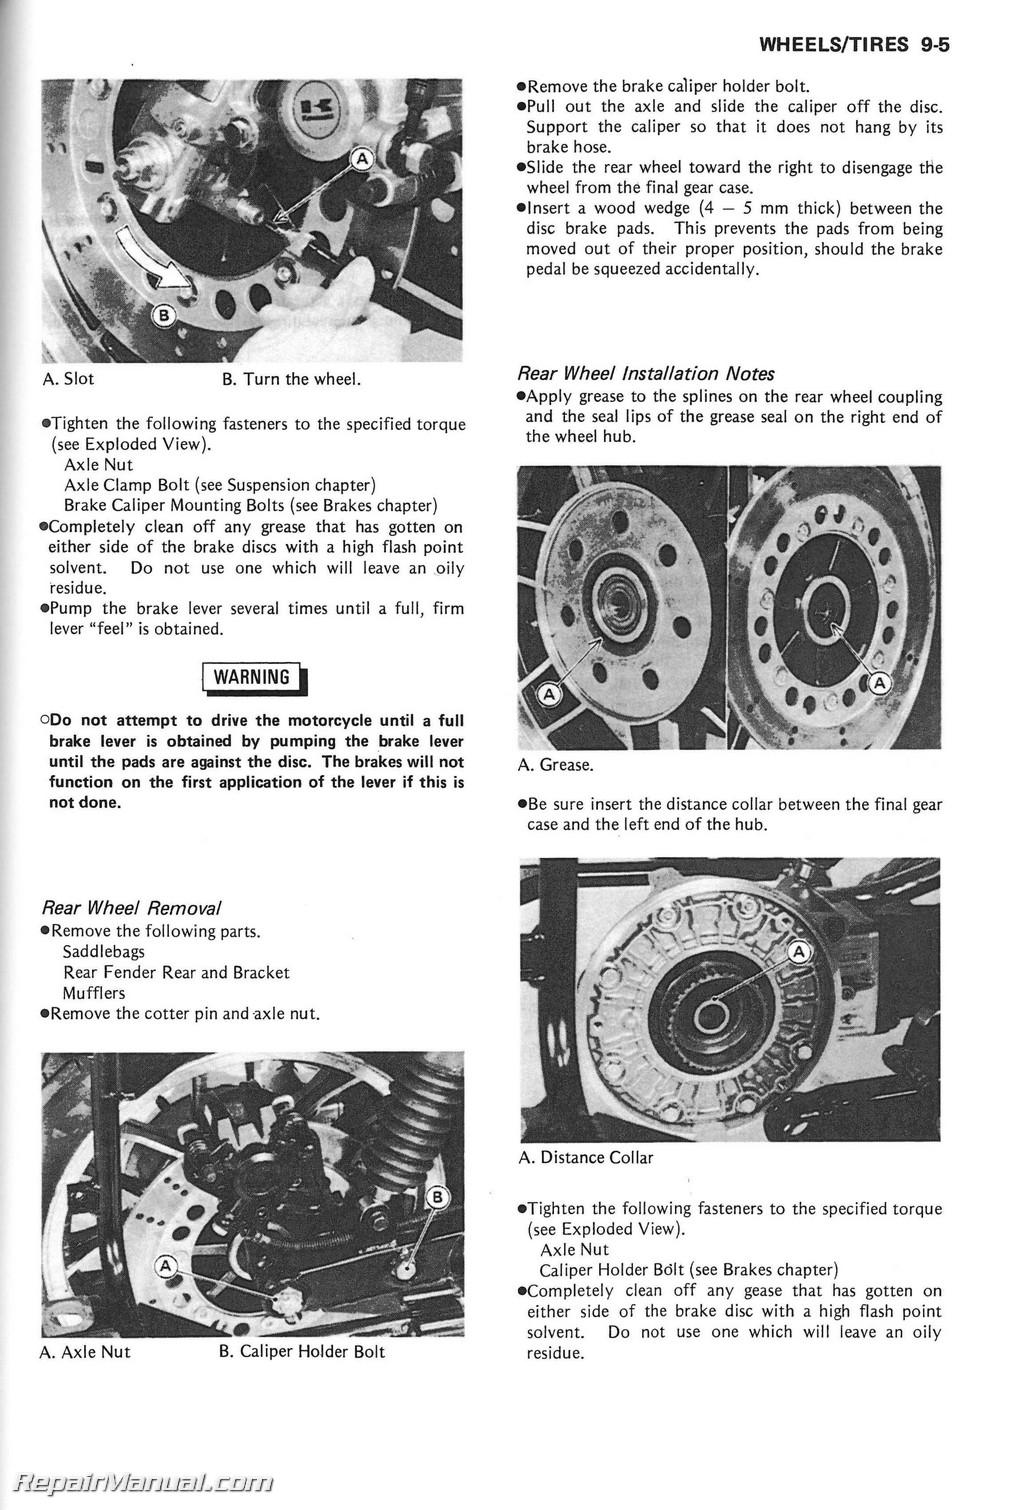 1986 Kawasaki Zg1200b Voyager Xii Service Manual Wiring Diagram